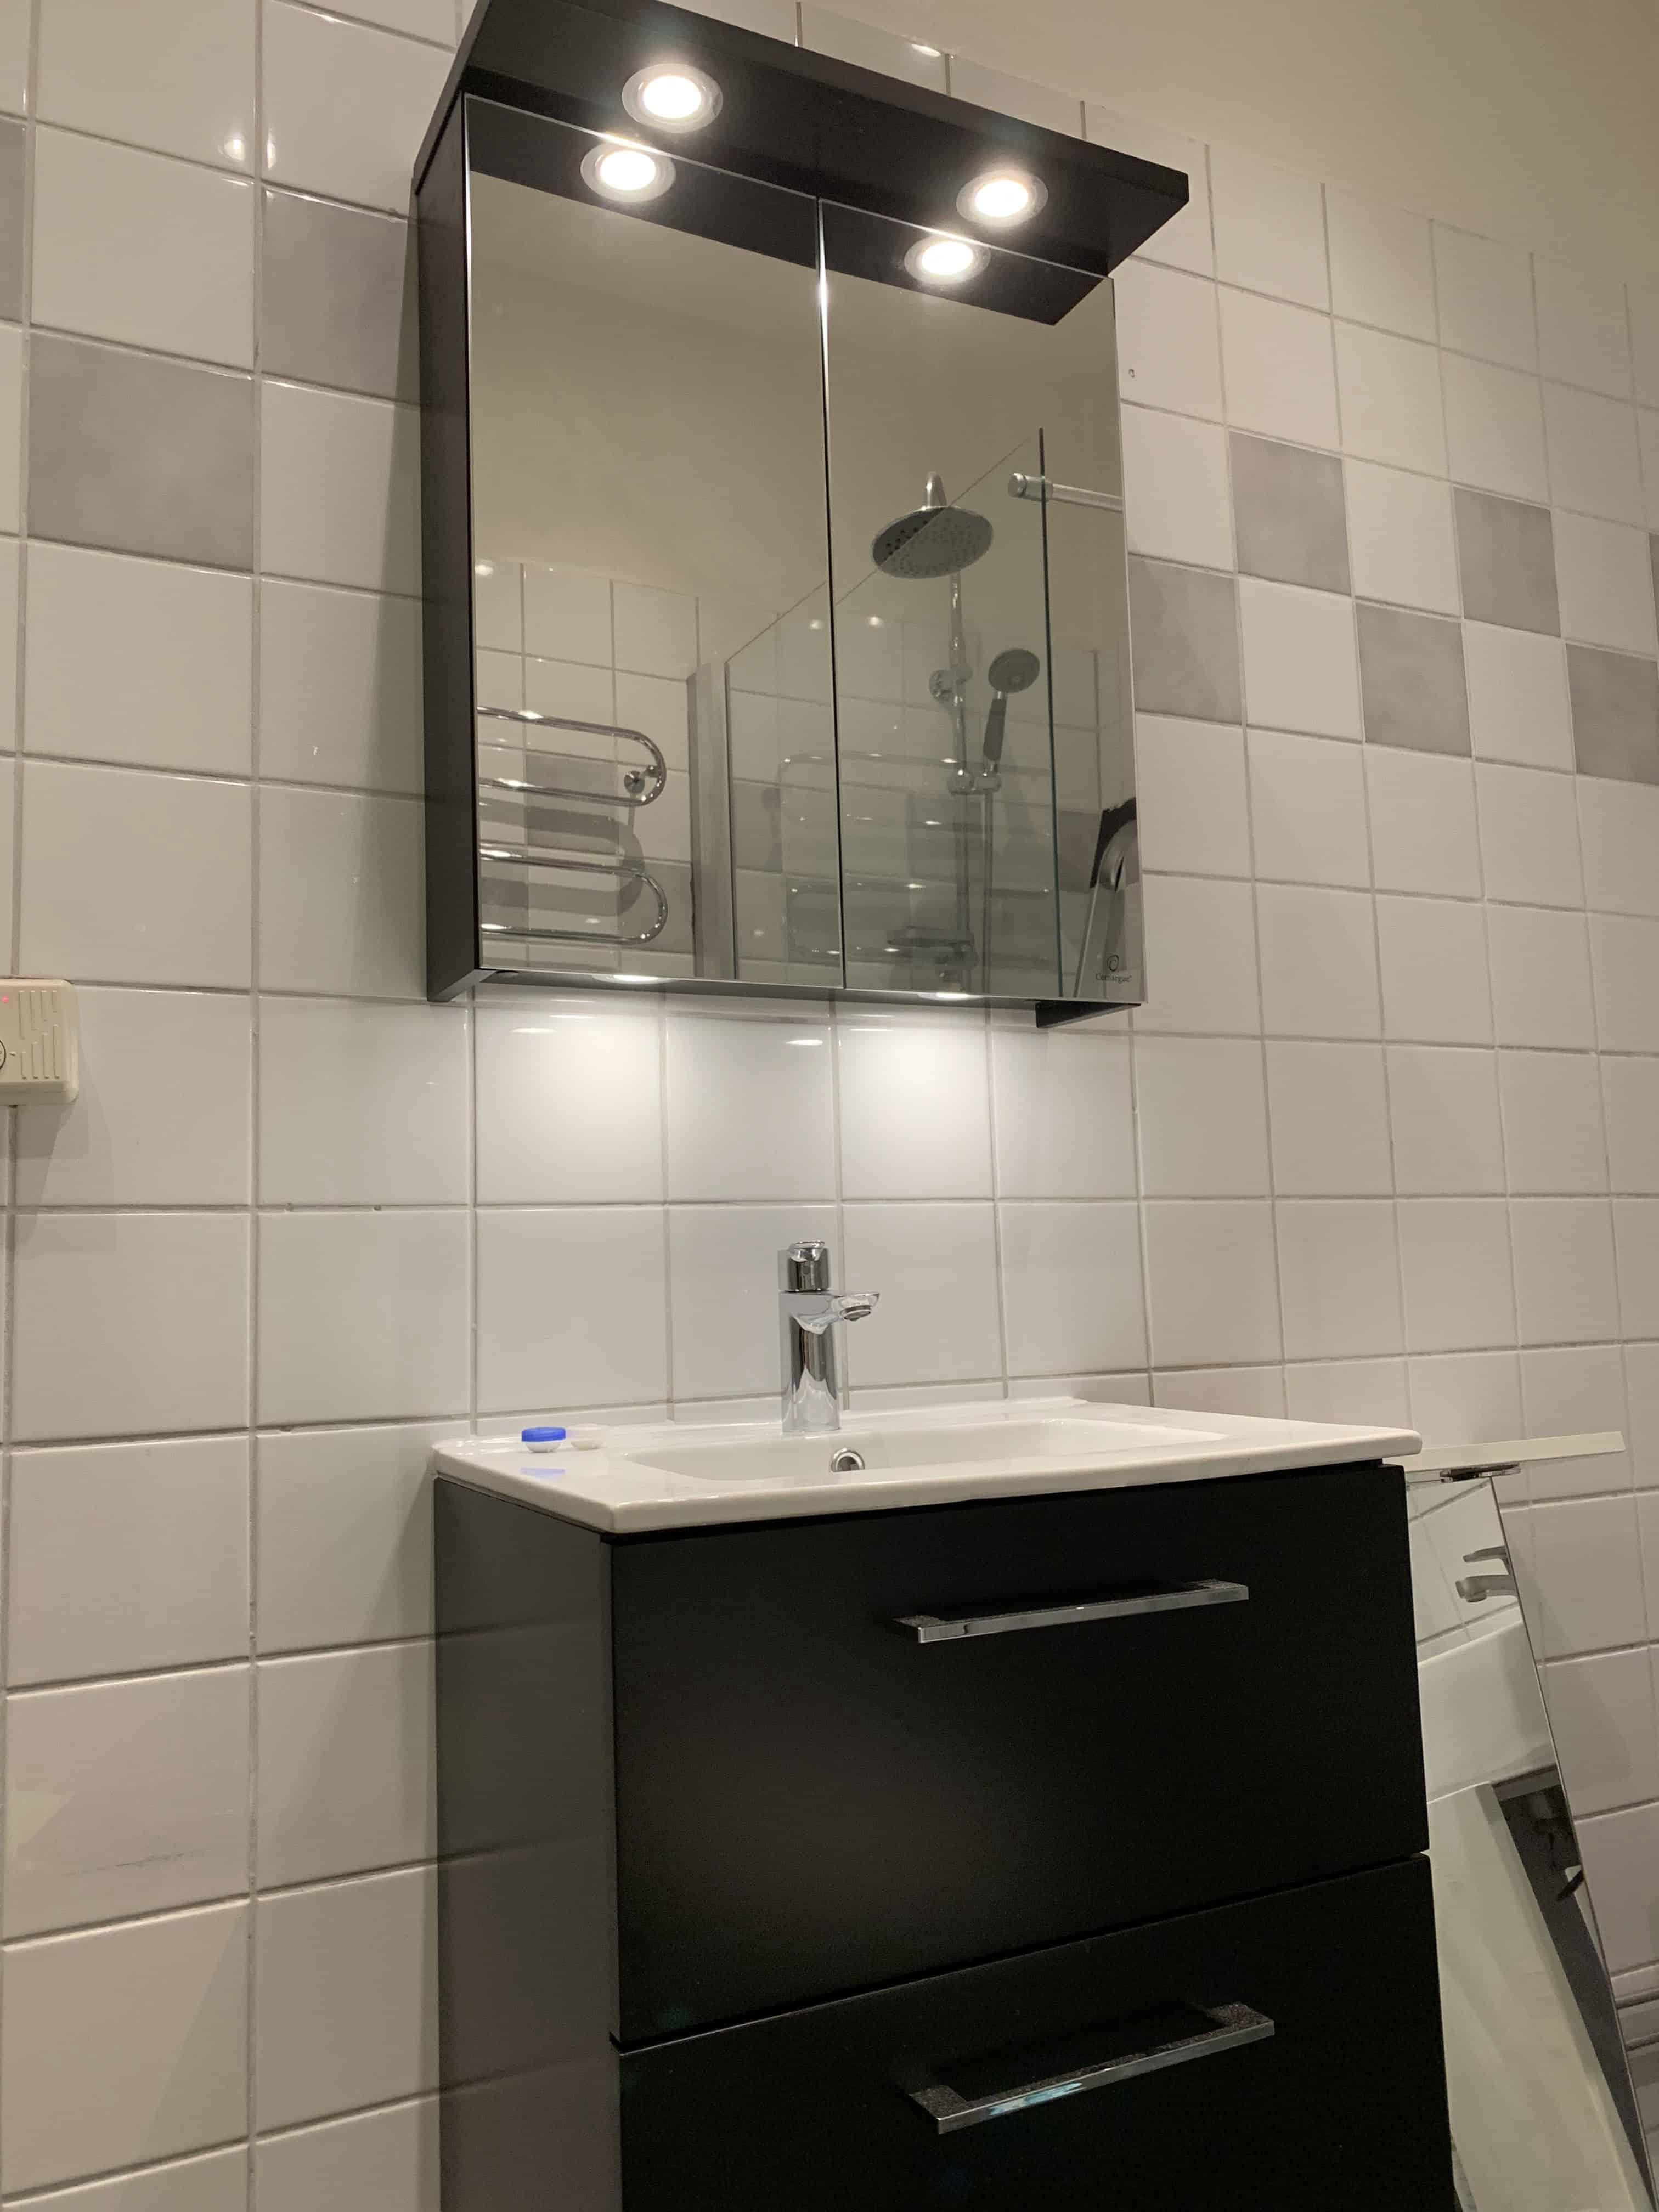 """Referensjobb """"Badrumsrenovering"""" utfört av Perfekt Renovering Stockholm"""